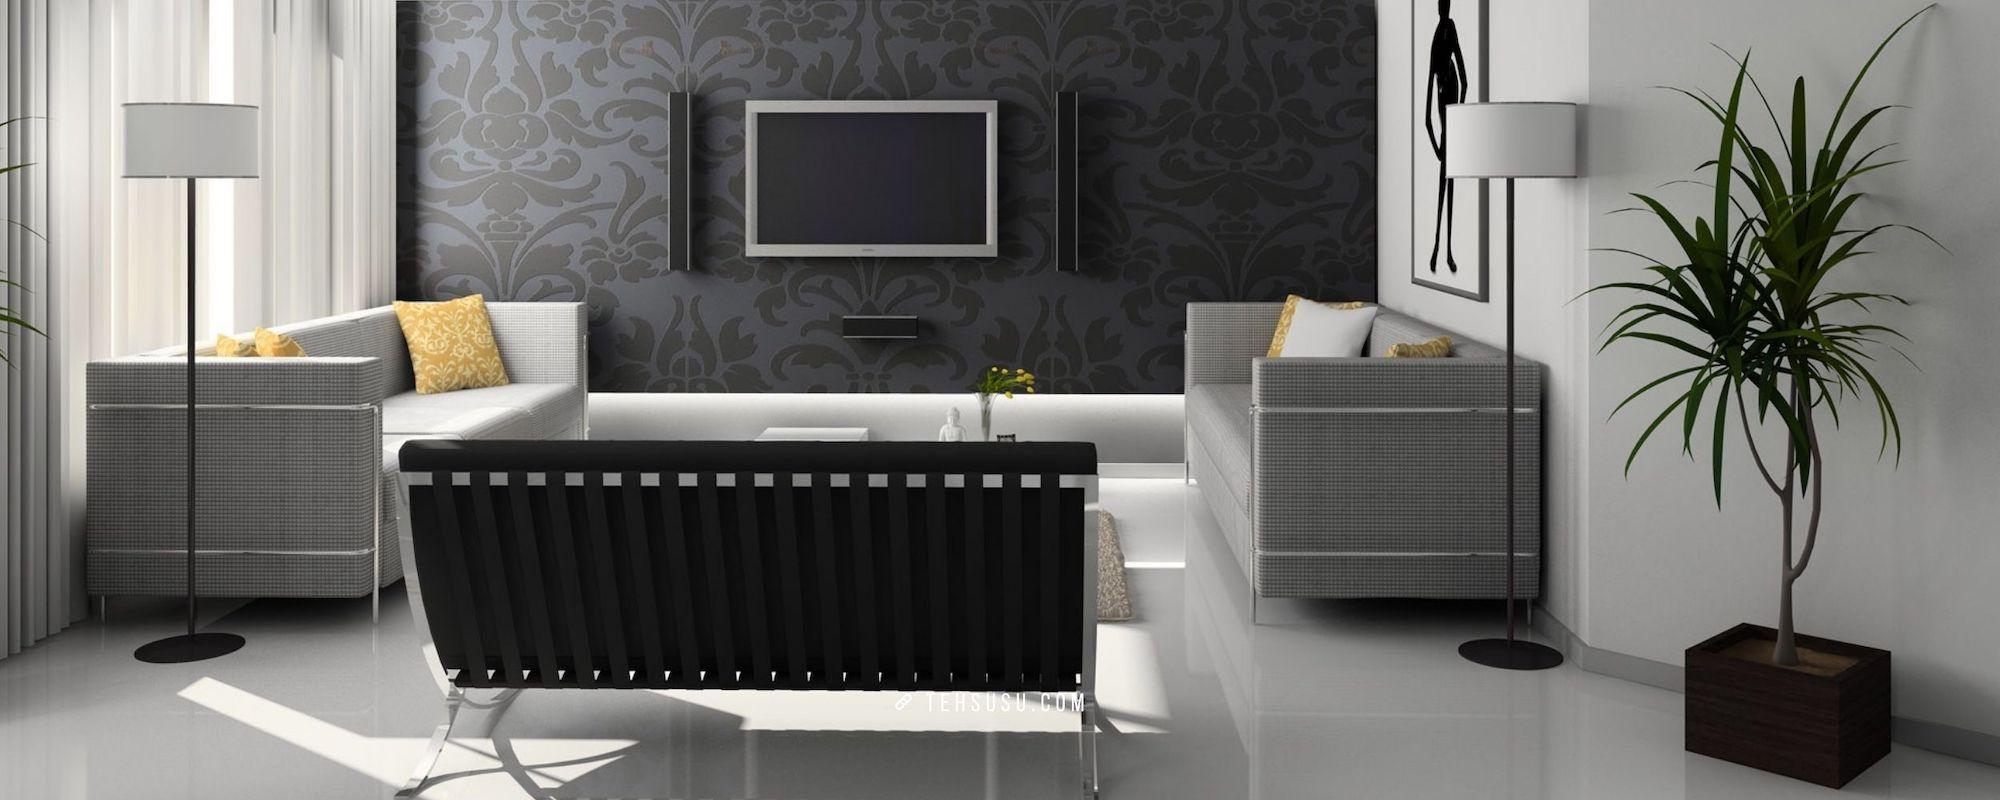 Cara Menyewakan Apartemen Online Dengan Strategi Yang Tepat